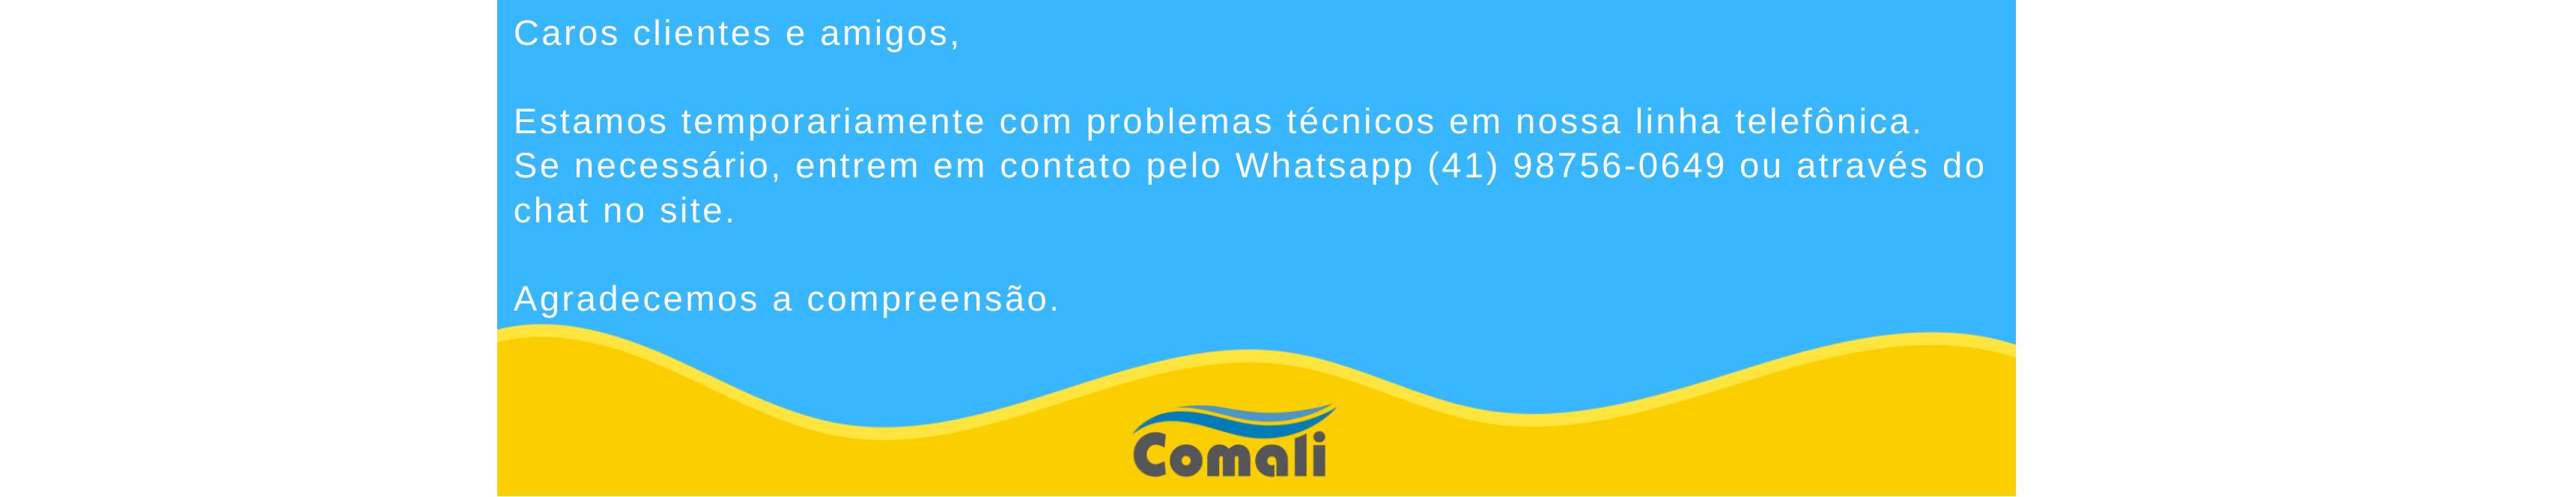 aros clientes e amigos, estamos temporariamente com problemas técnicos em nossa linha telefônica. previsão de normalização: 28/08/20. se necessário, entrem em contato pelo fone: (41) 98756-0649 ou atr